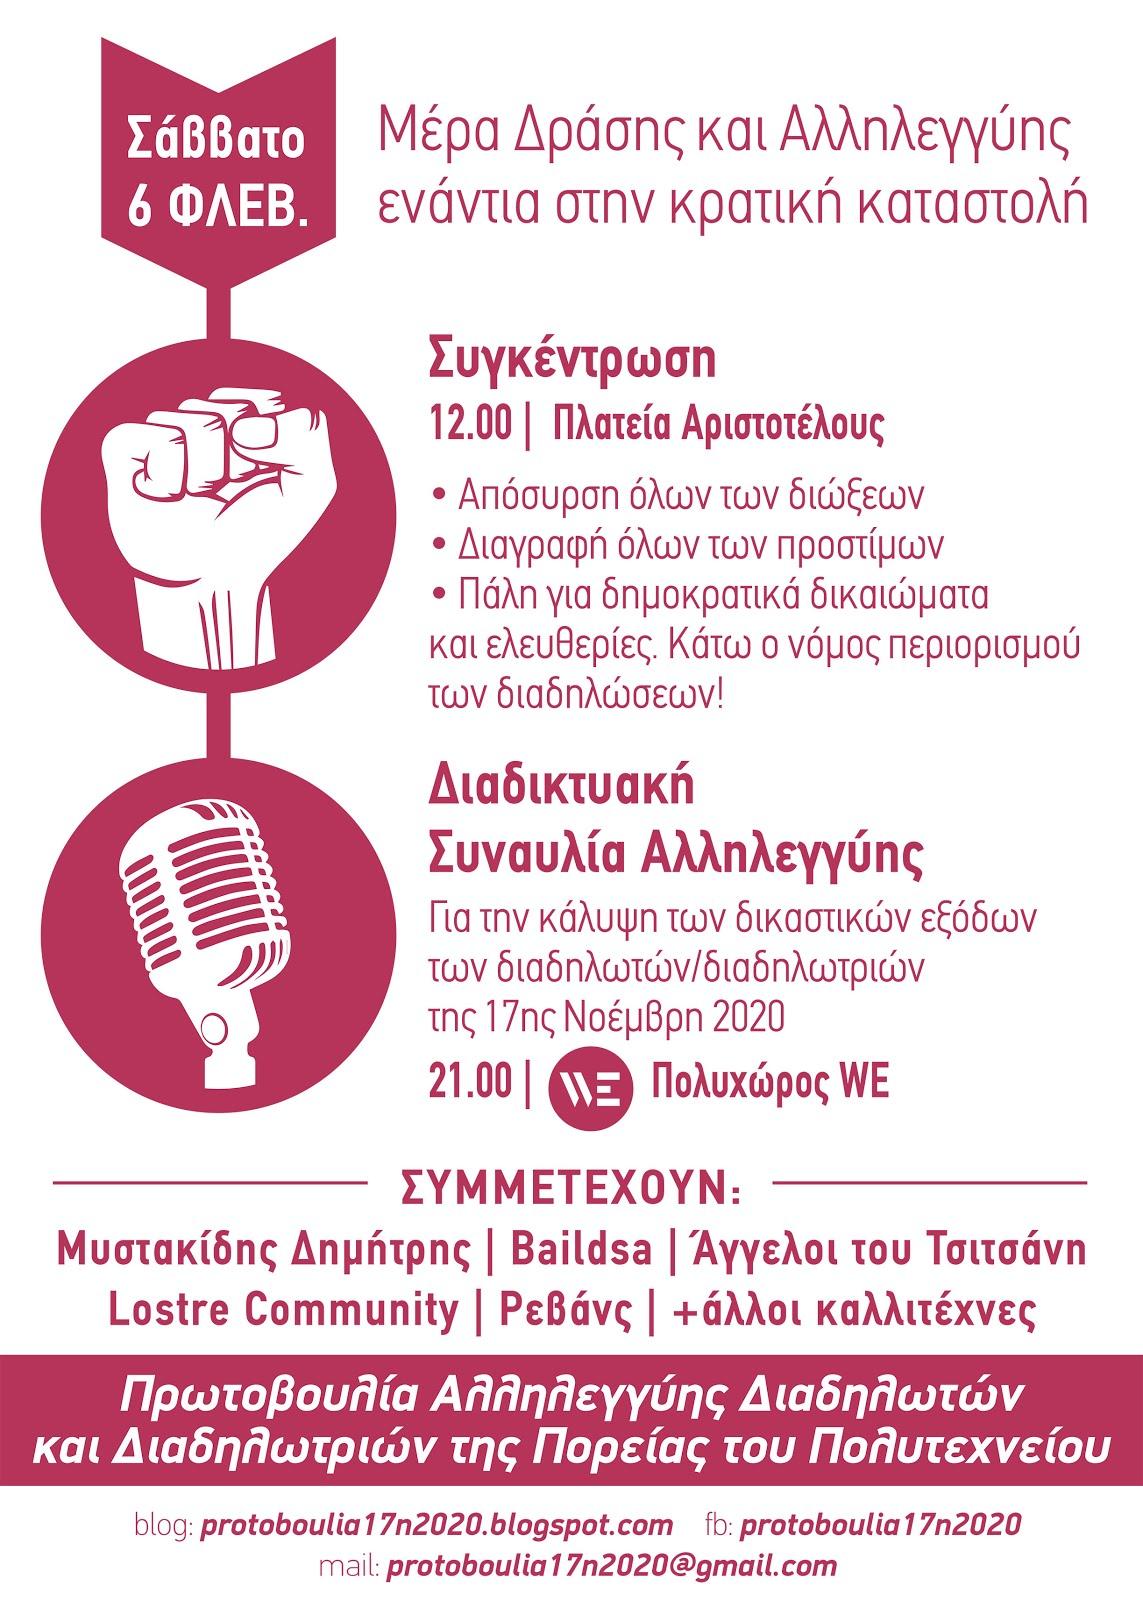 ΣΑΒΒΑΤΟ 6 ΦΛΕΒΑΡΗ: Μέρα δράσης και αλληλεγγύης